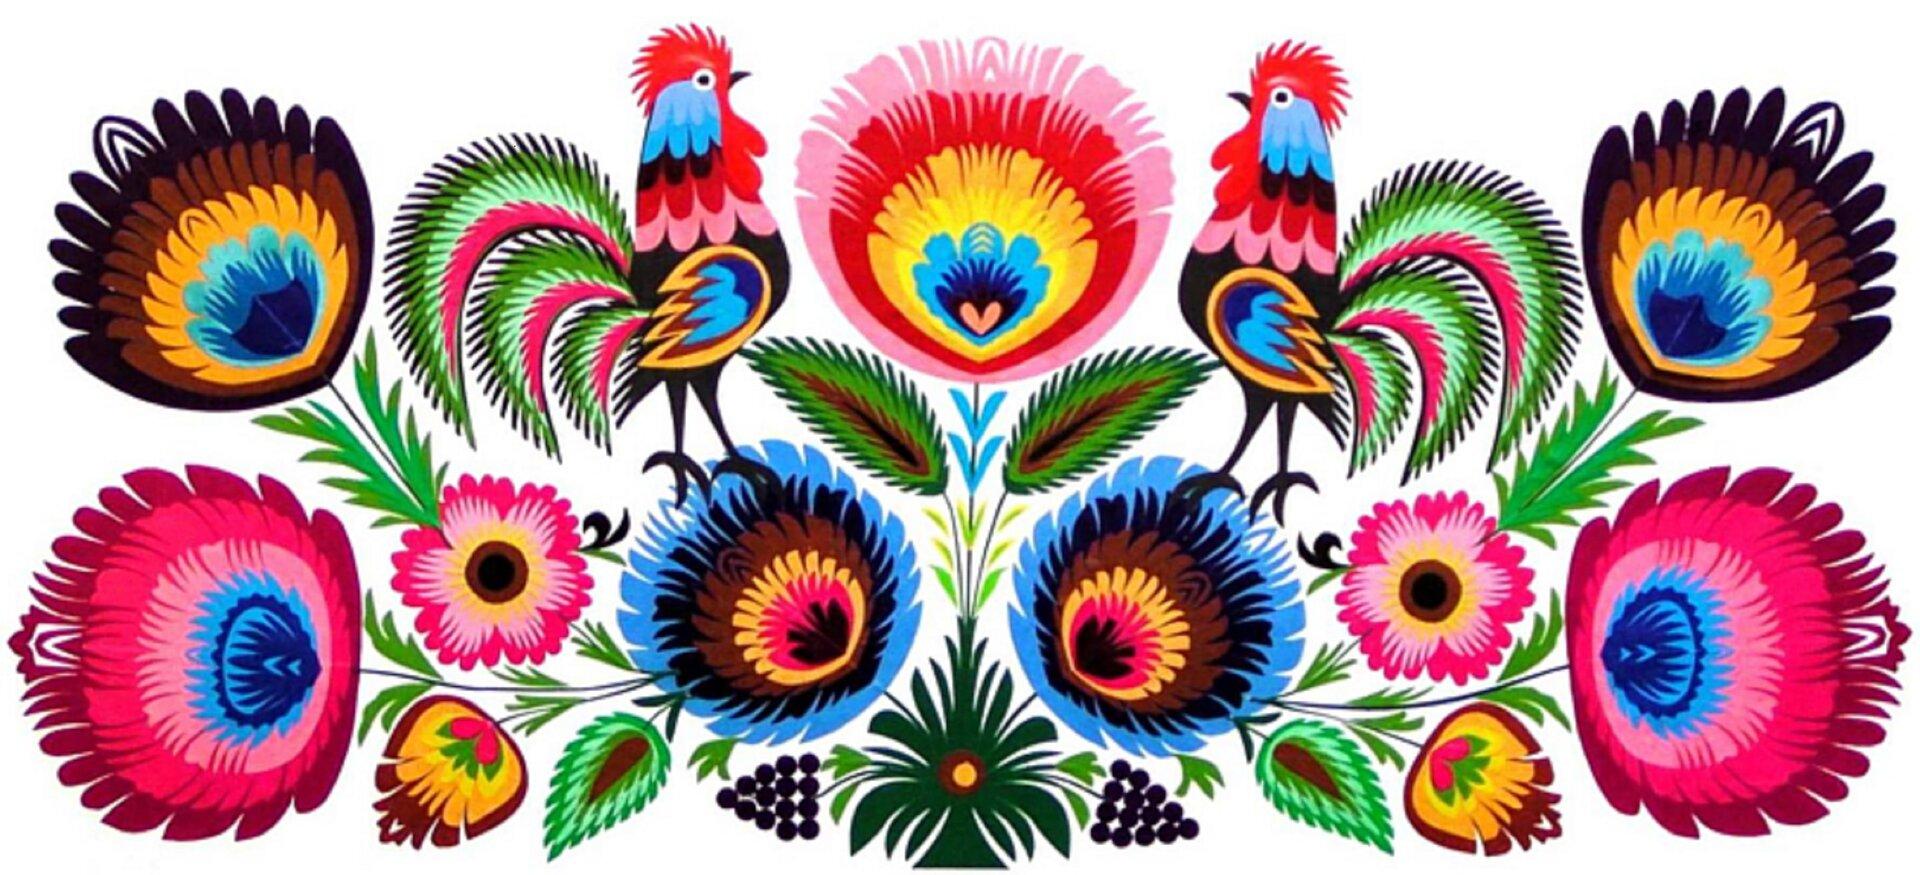 Ilustracja przedstawia łowicką kodrę. Na zdjęciu widać wpoziomie, symetrycznie ułożone kolorowe kwiaty ilistki kwiatowe. Po obu bokach głównego, środkowego kwiata widać kolorowego koguta zzielonkawym ogonem. Kwiaty są różnokolorowe.